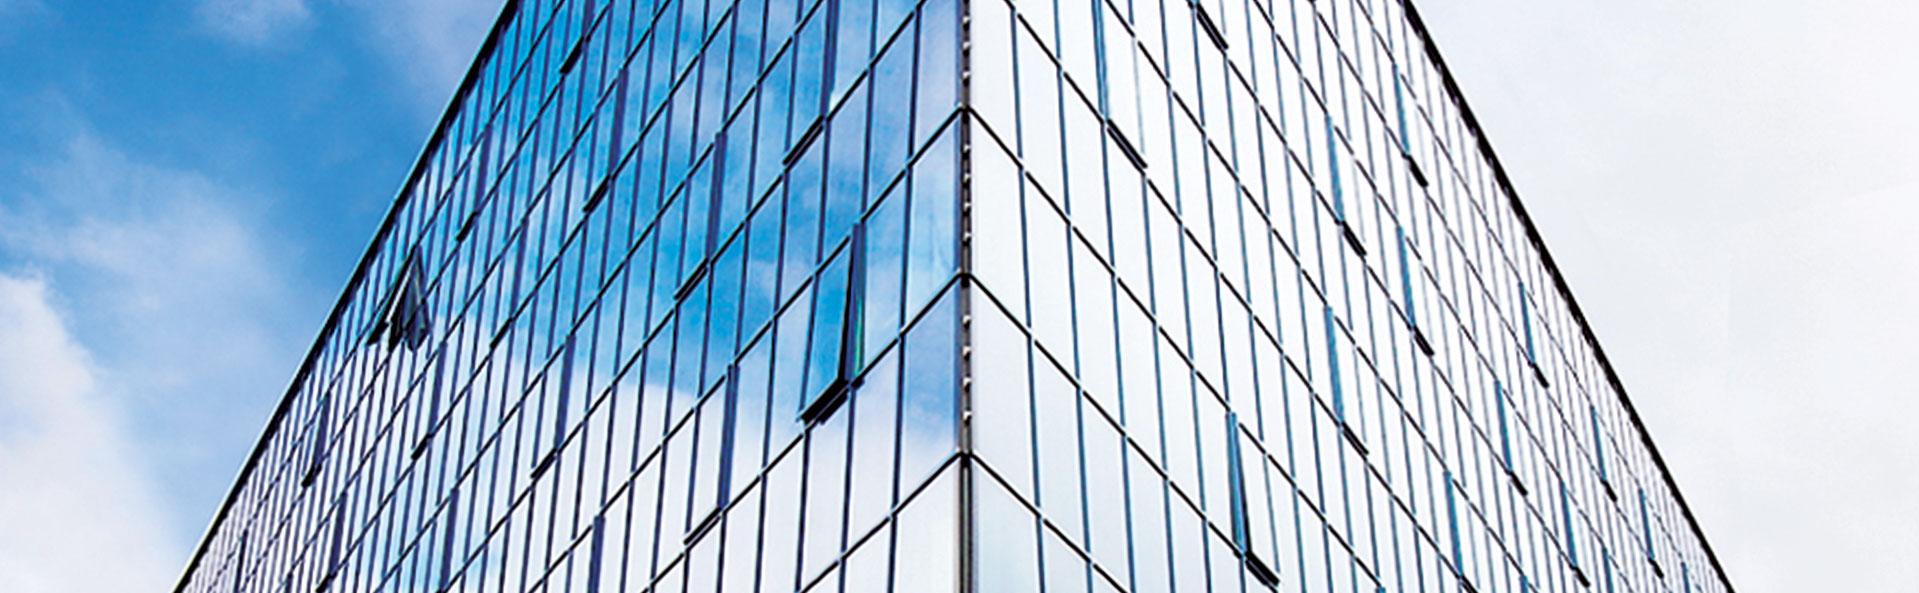 http://awdi.nyc/catalog-aluminum-systems